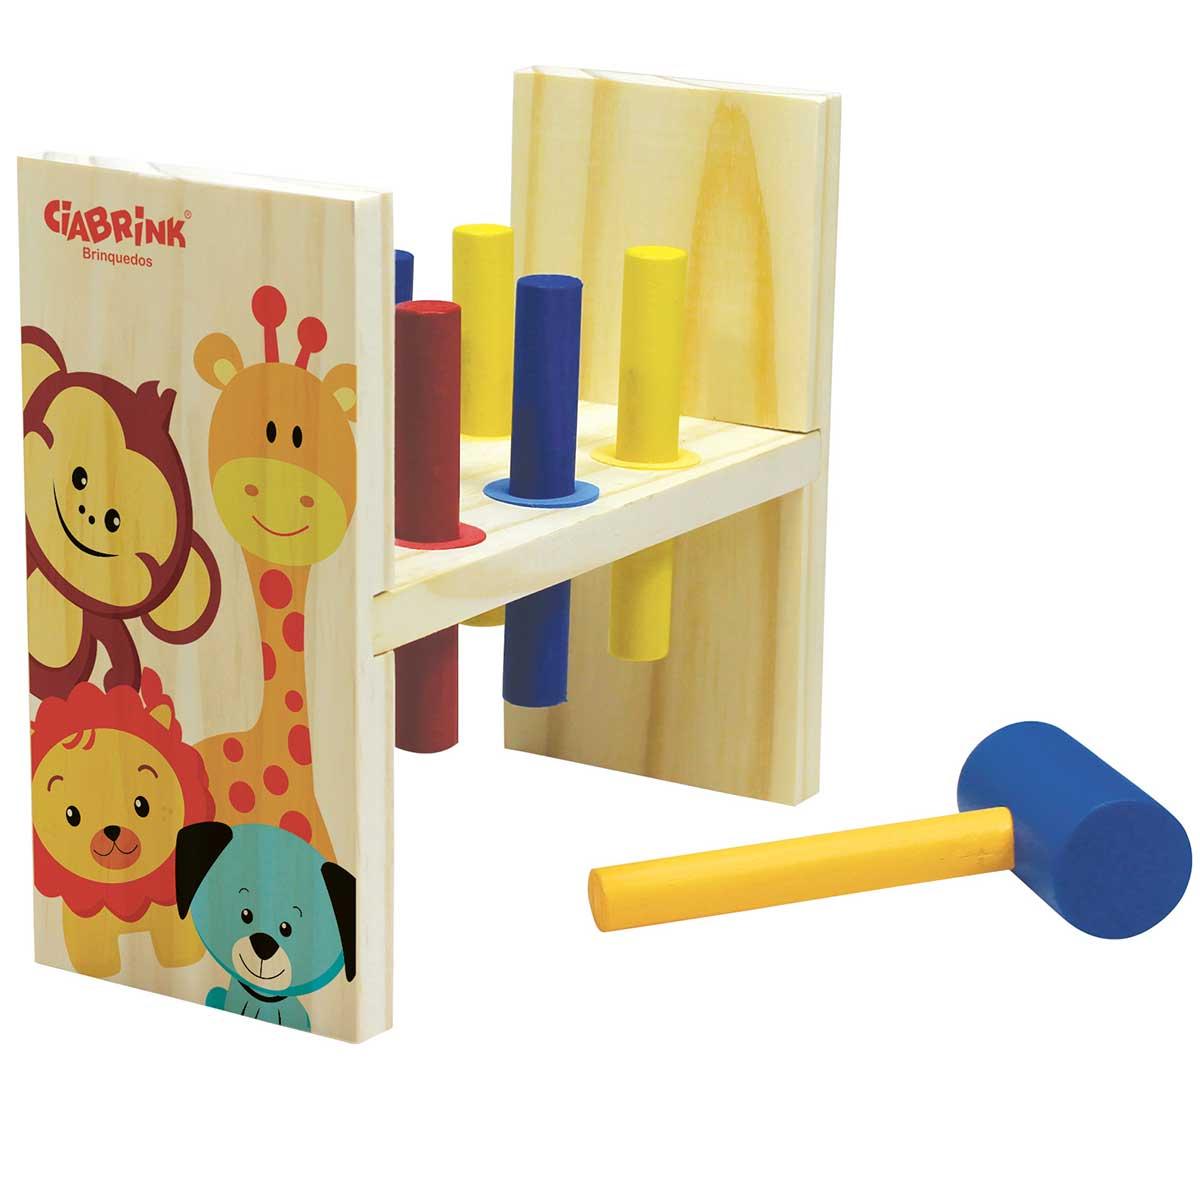 Brinquedo de Madeira Educativo Bate Martelo 7 Peças CiaBrink